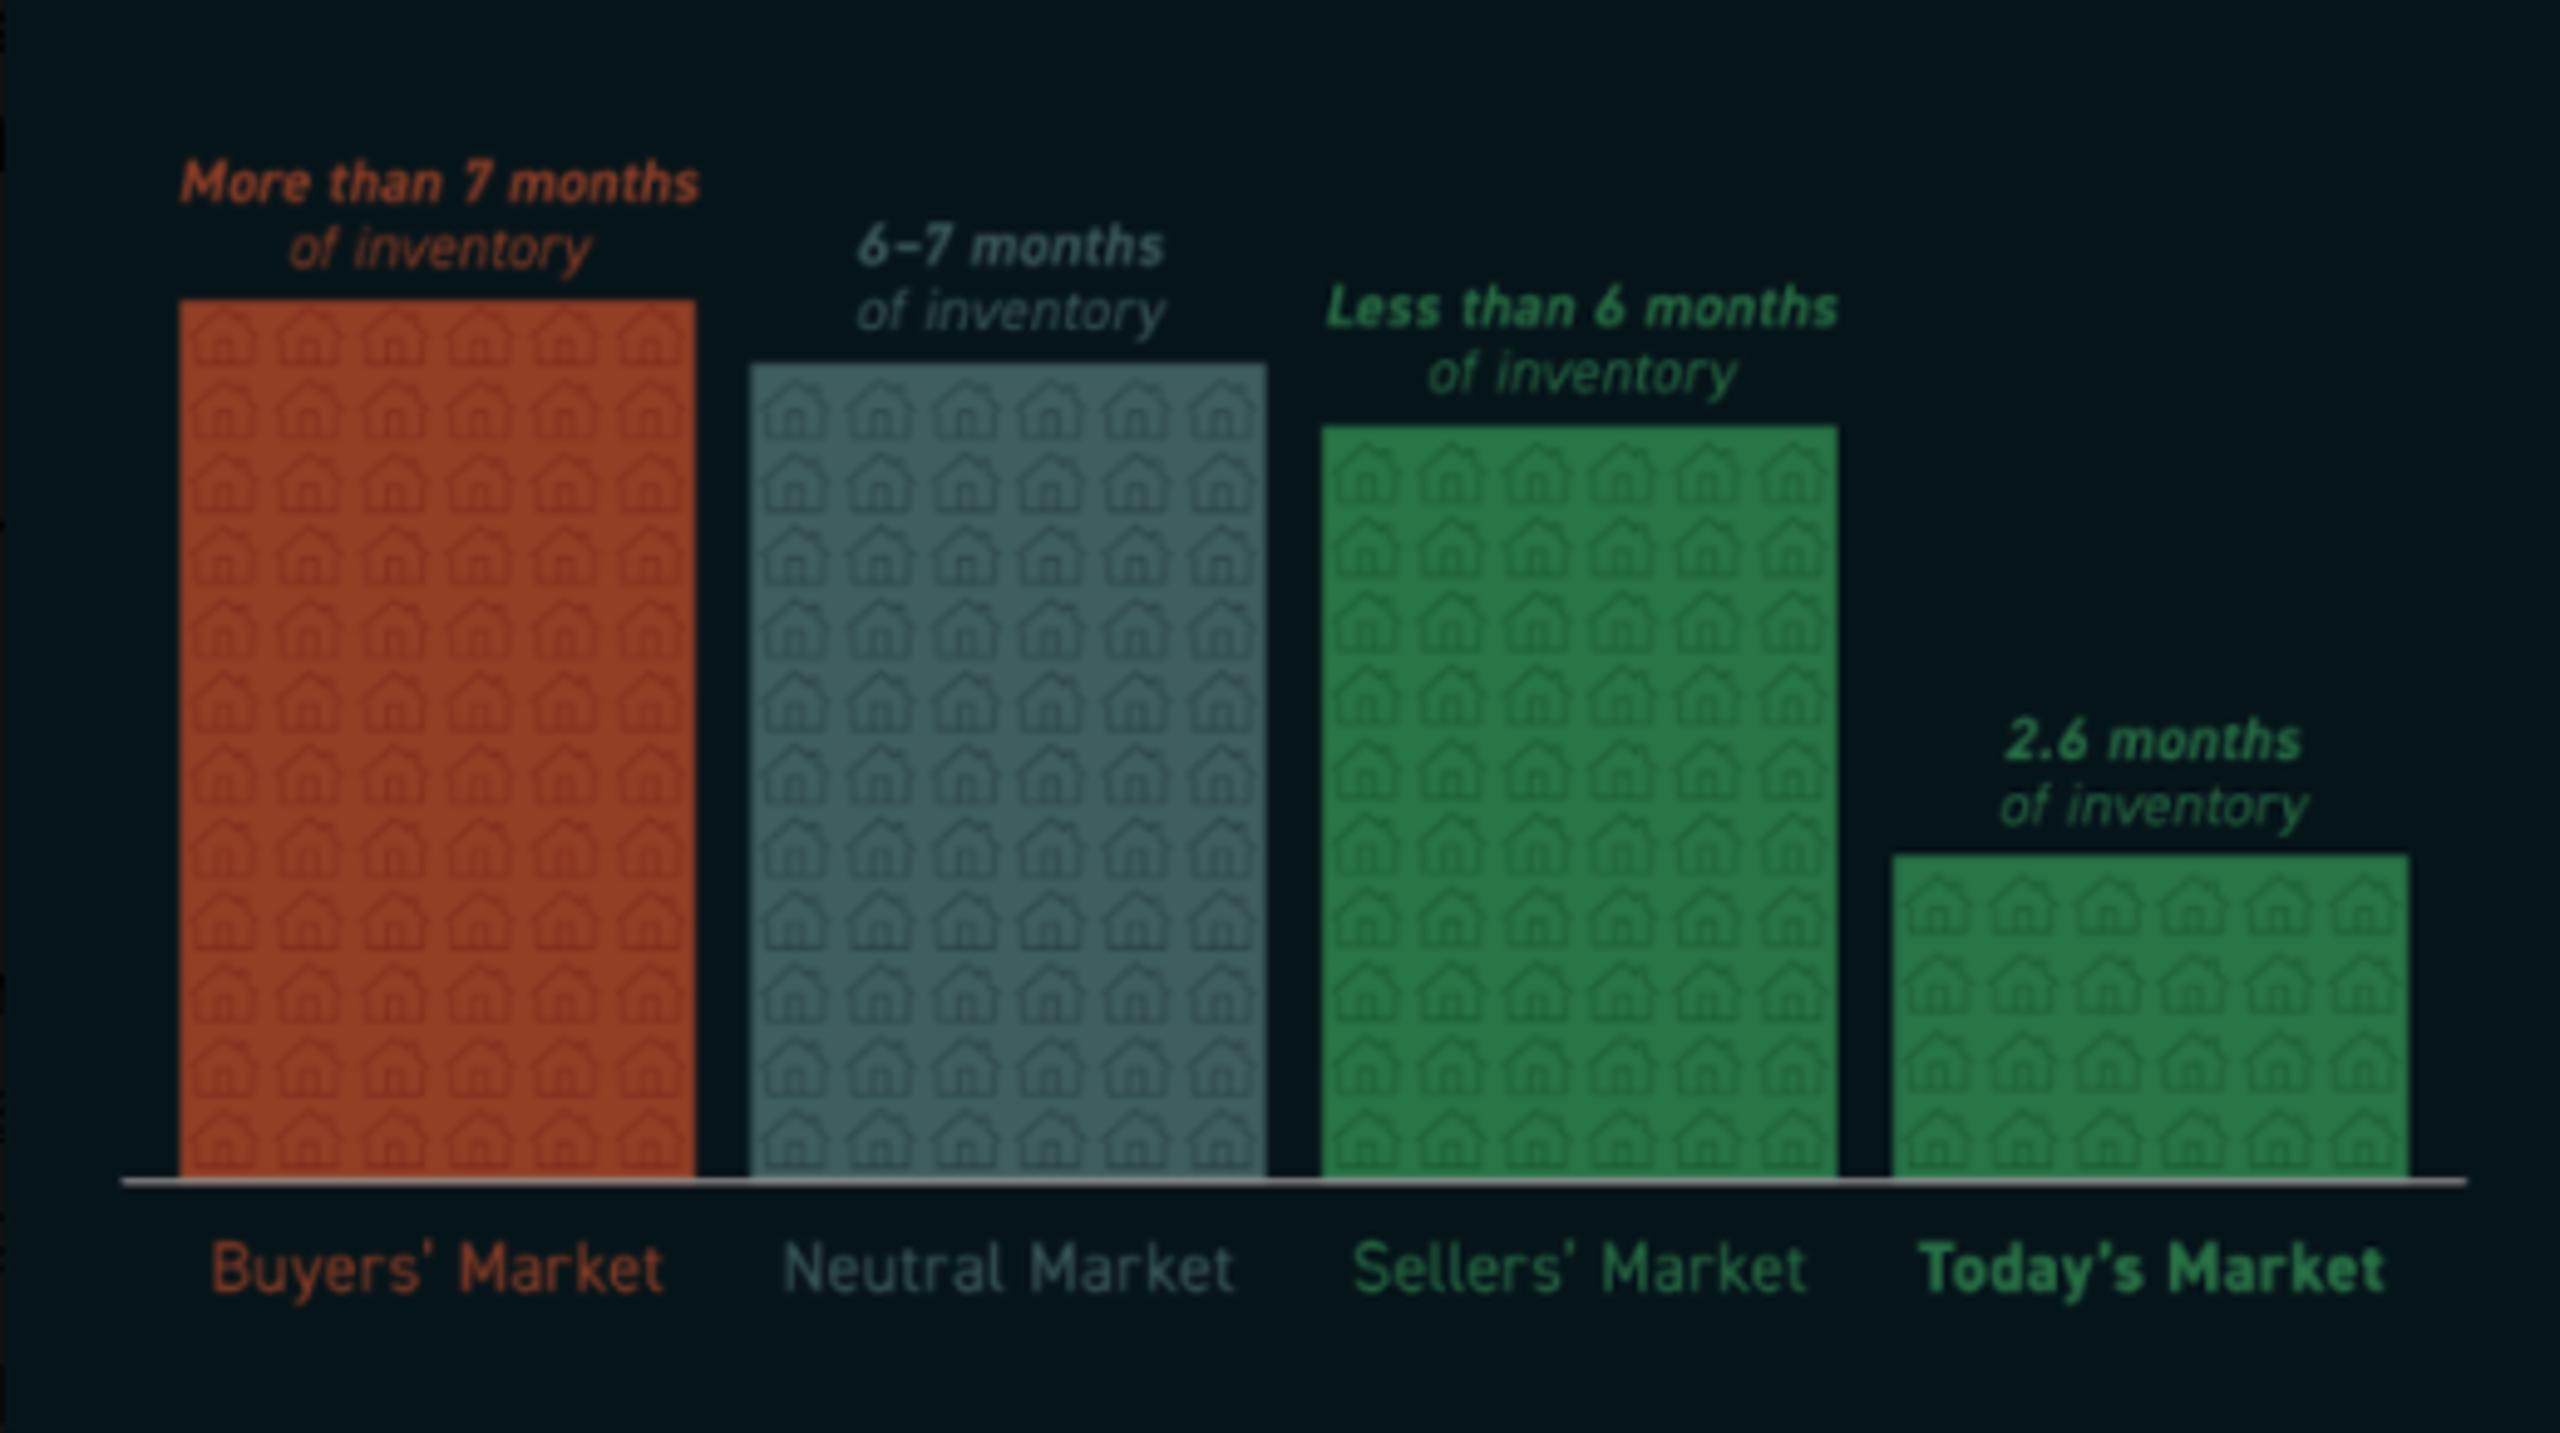 Yep, It Is Still A Seller's Market